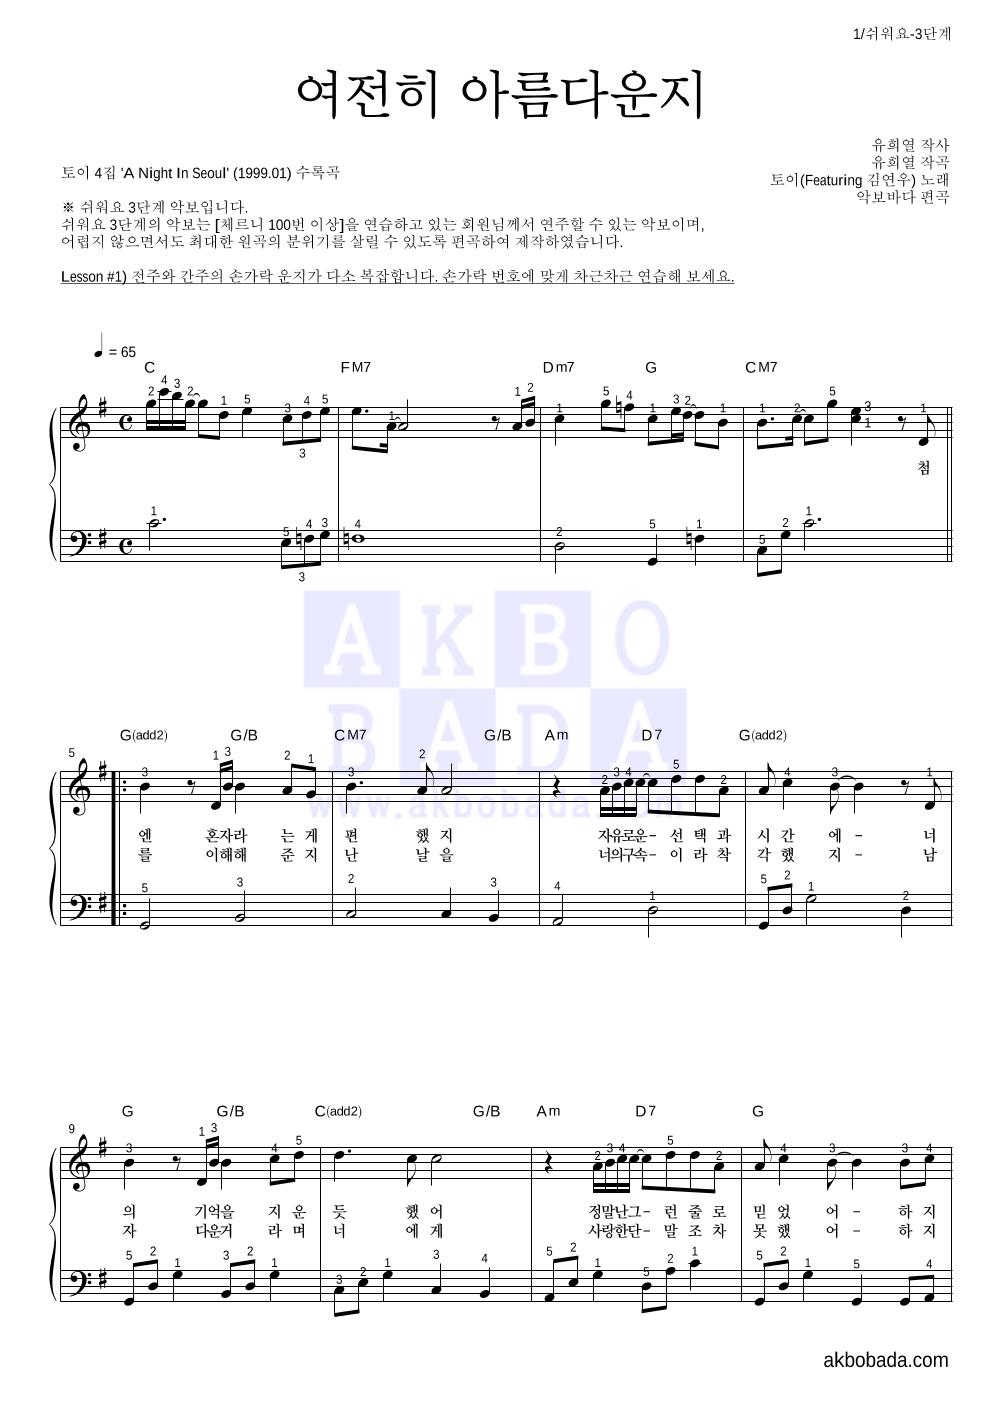 토이 - 여전히 아름다운지 (Feat. 김연우) 피아노2단-쉬워요 악보